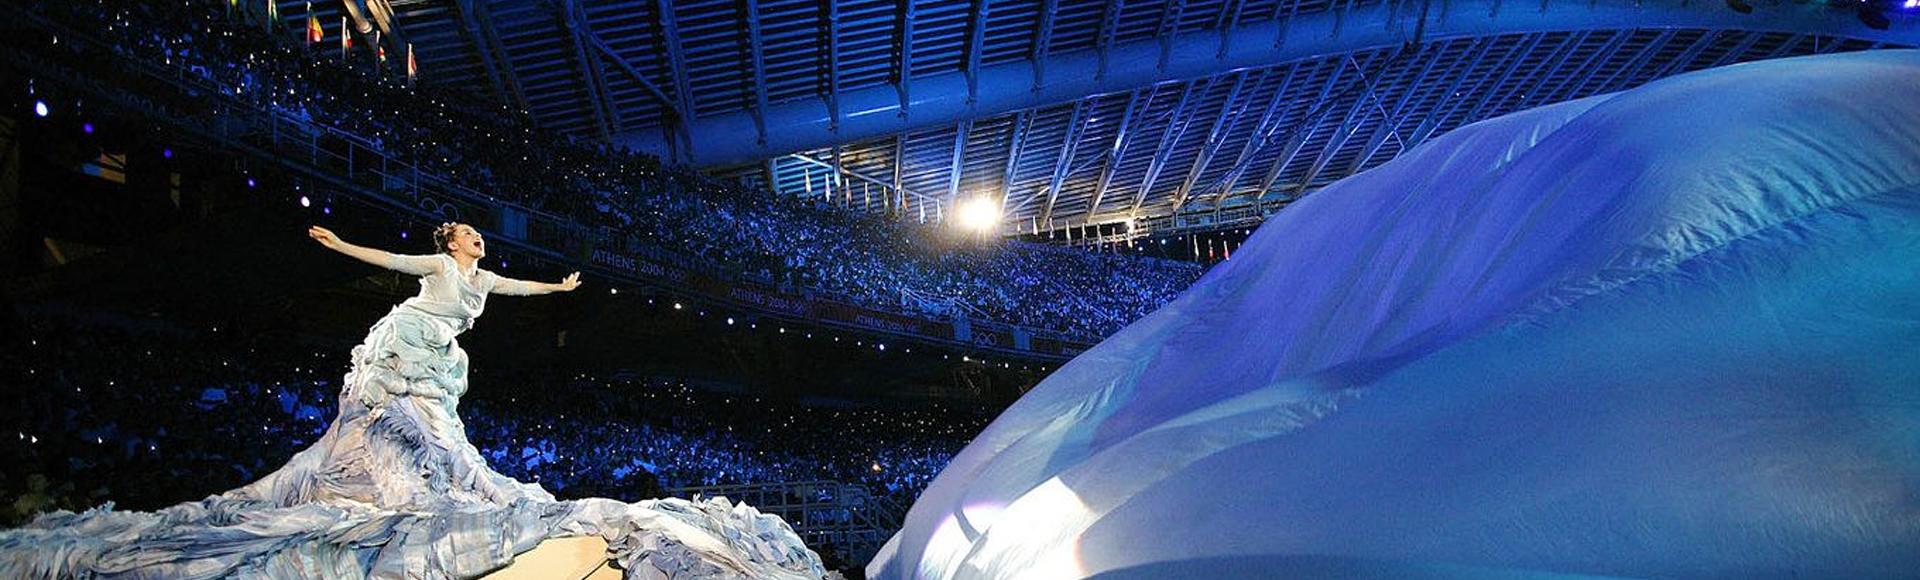 Η τελετή έναρξης των Ολυμπιακών Αγώνων της Αθήνας